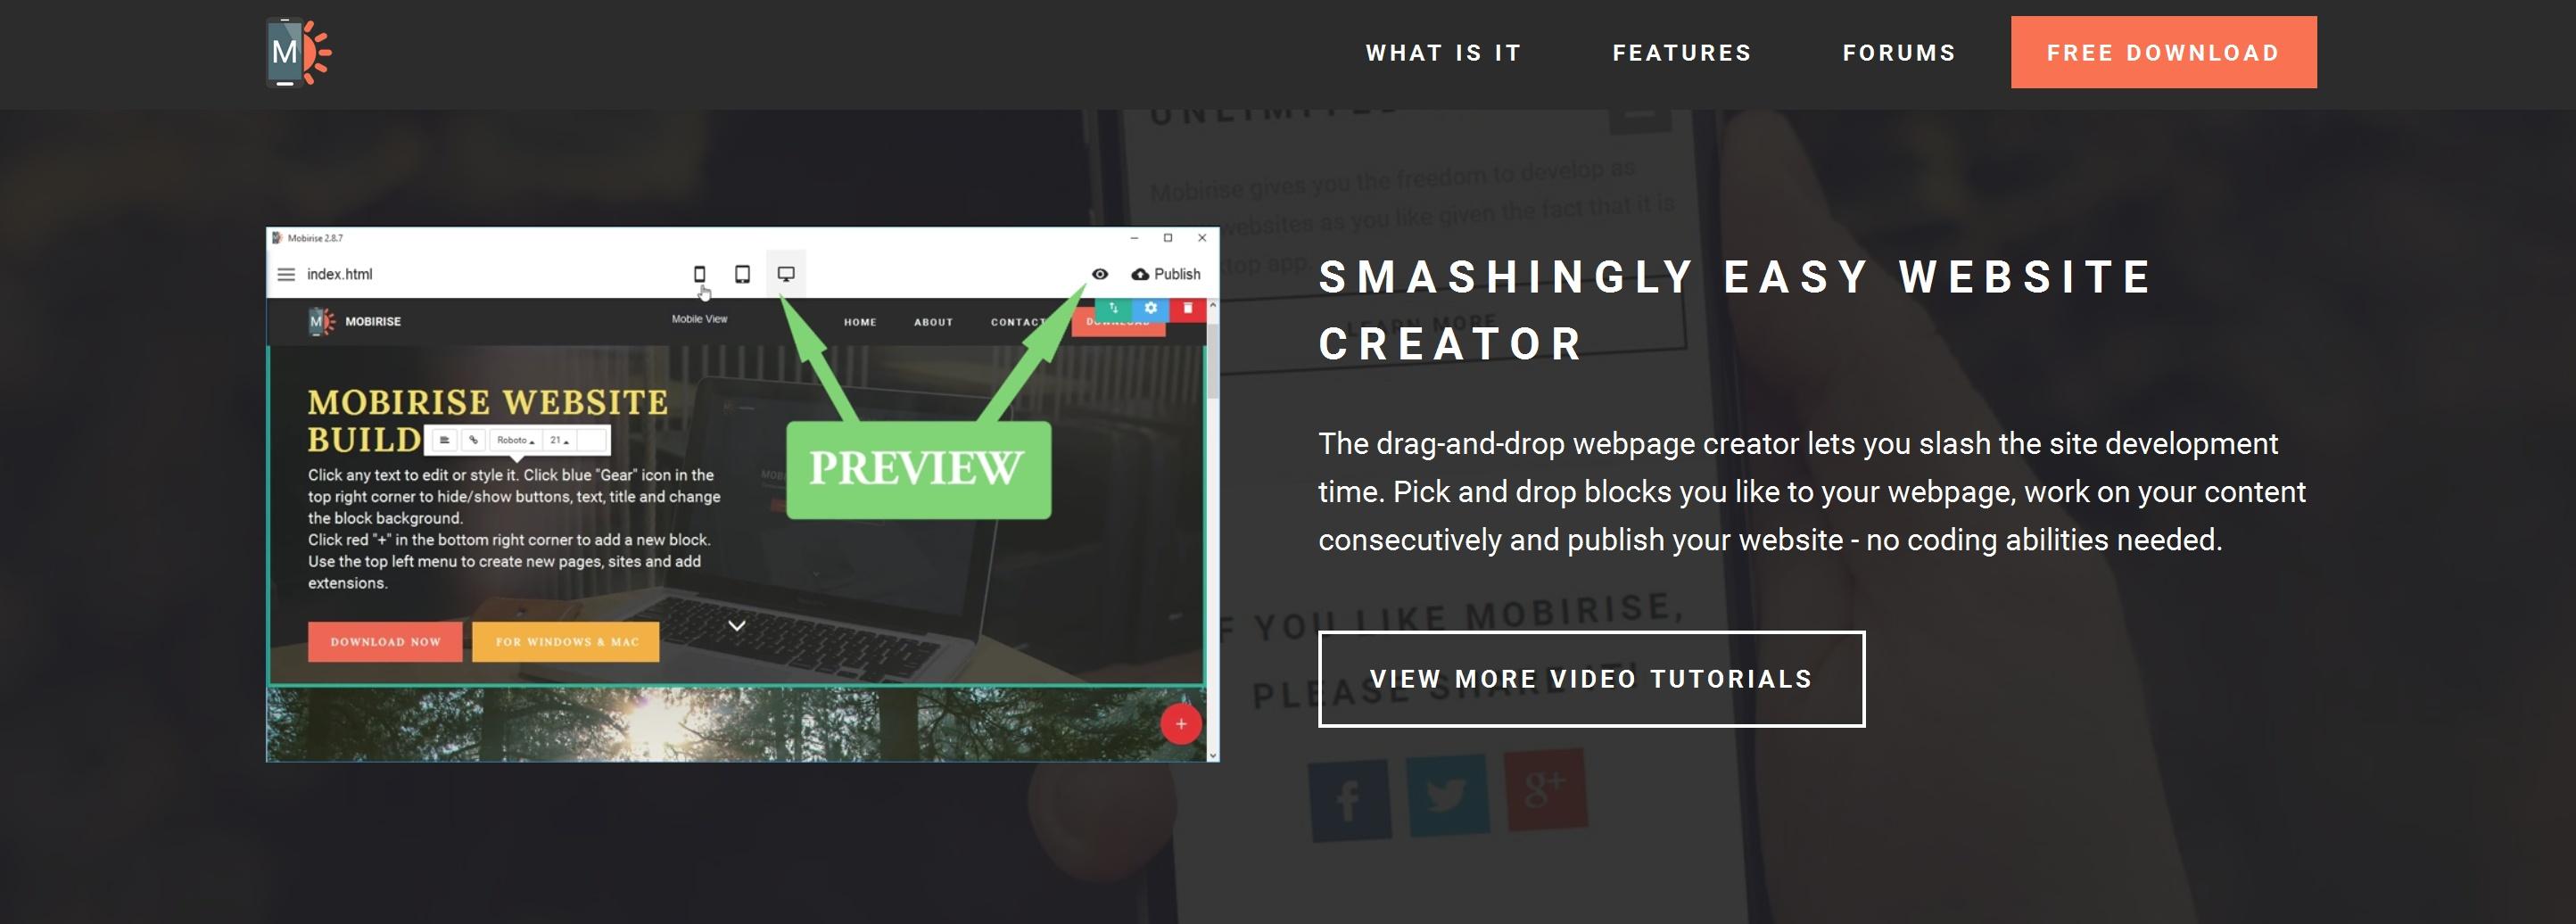 Offline Easy Website Creator Software